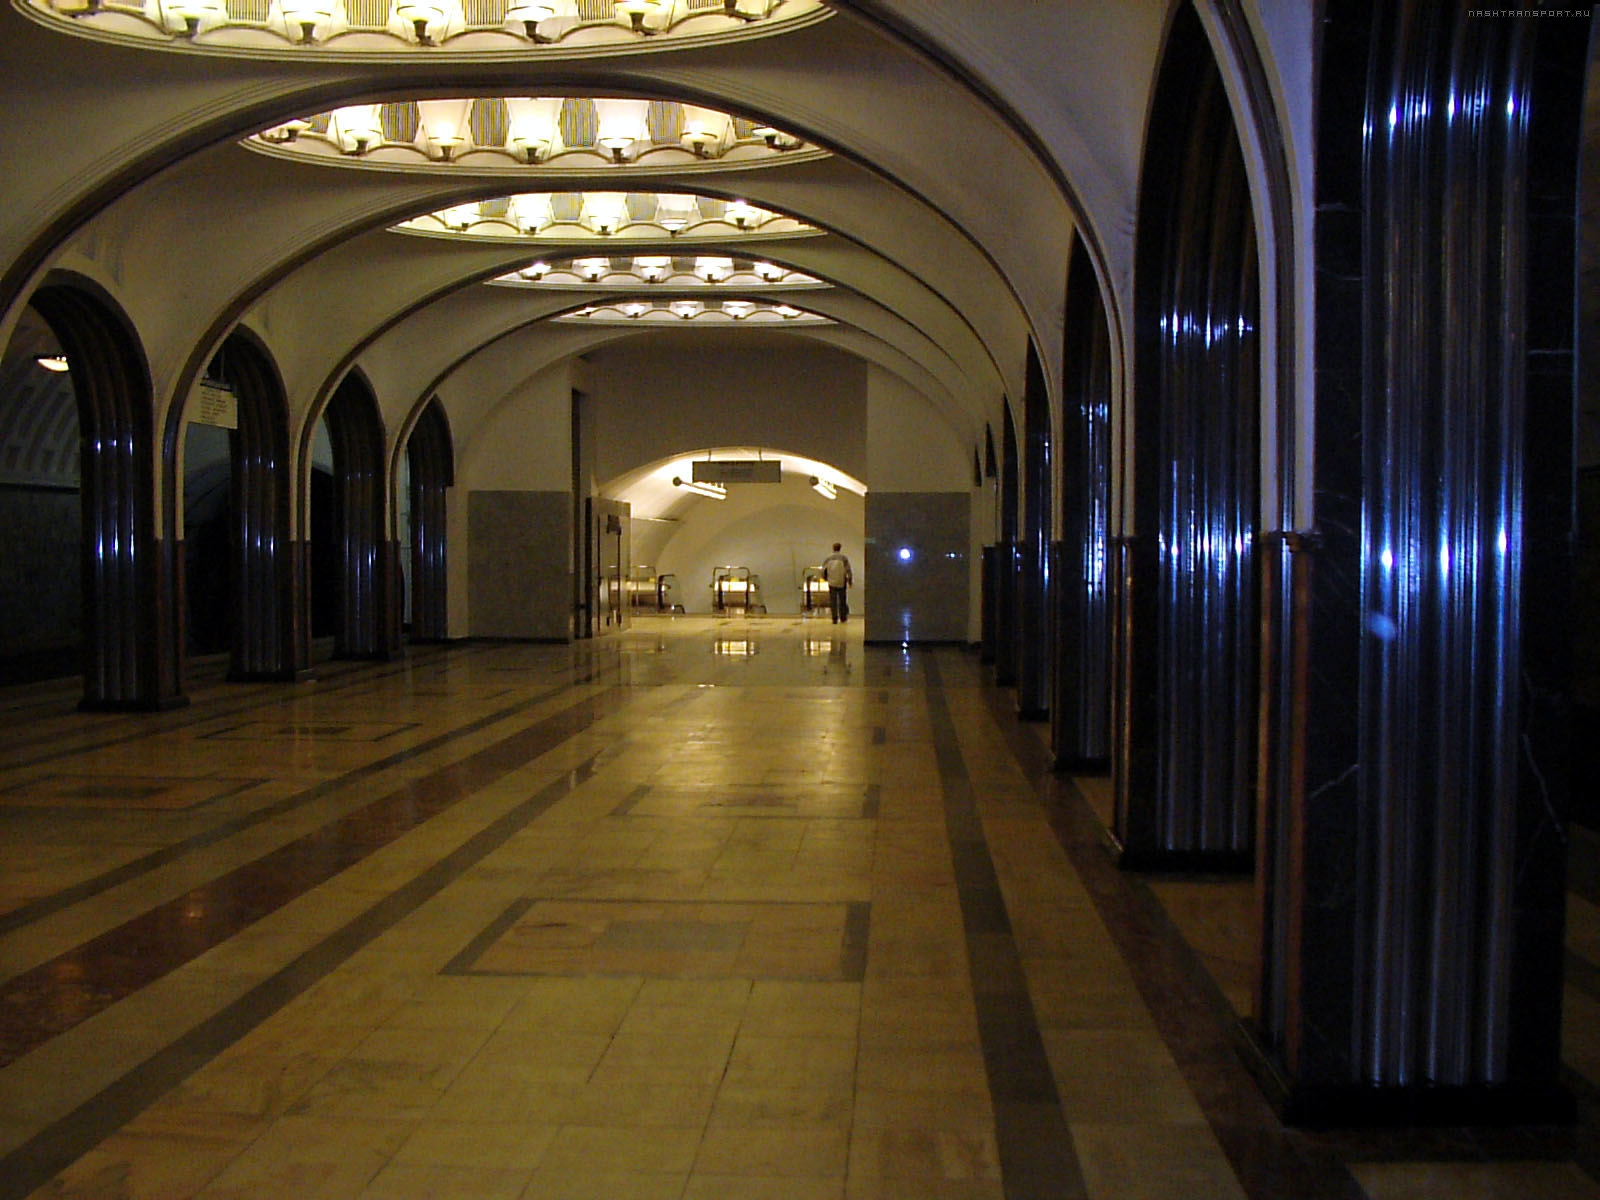 Праститутке в метро беларуская 11 фотография